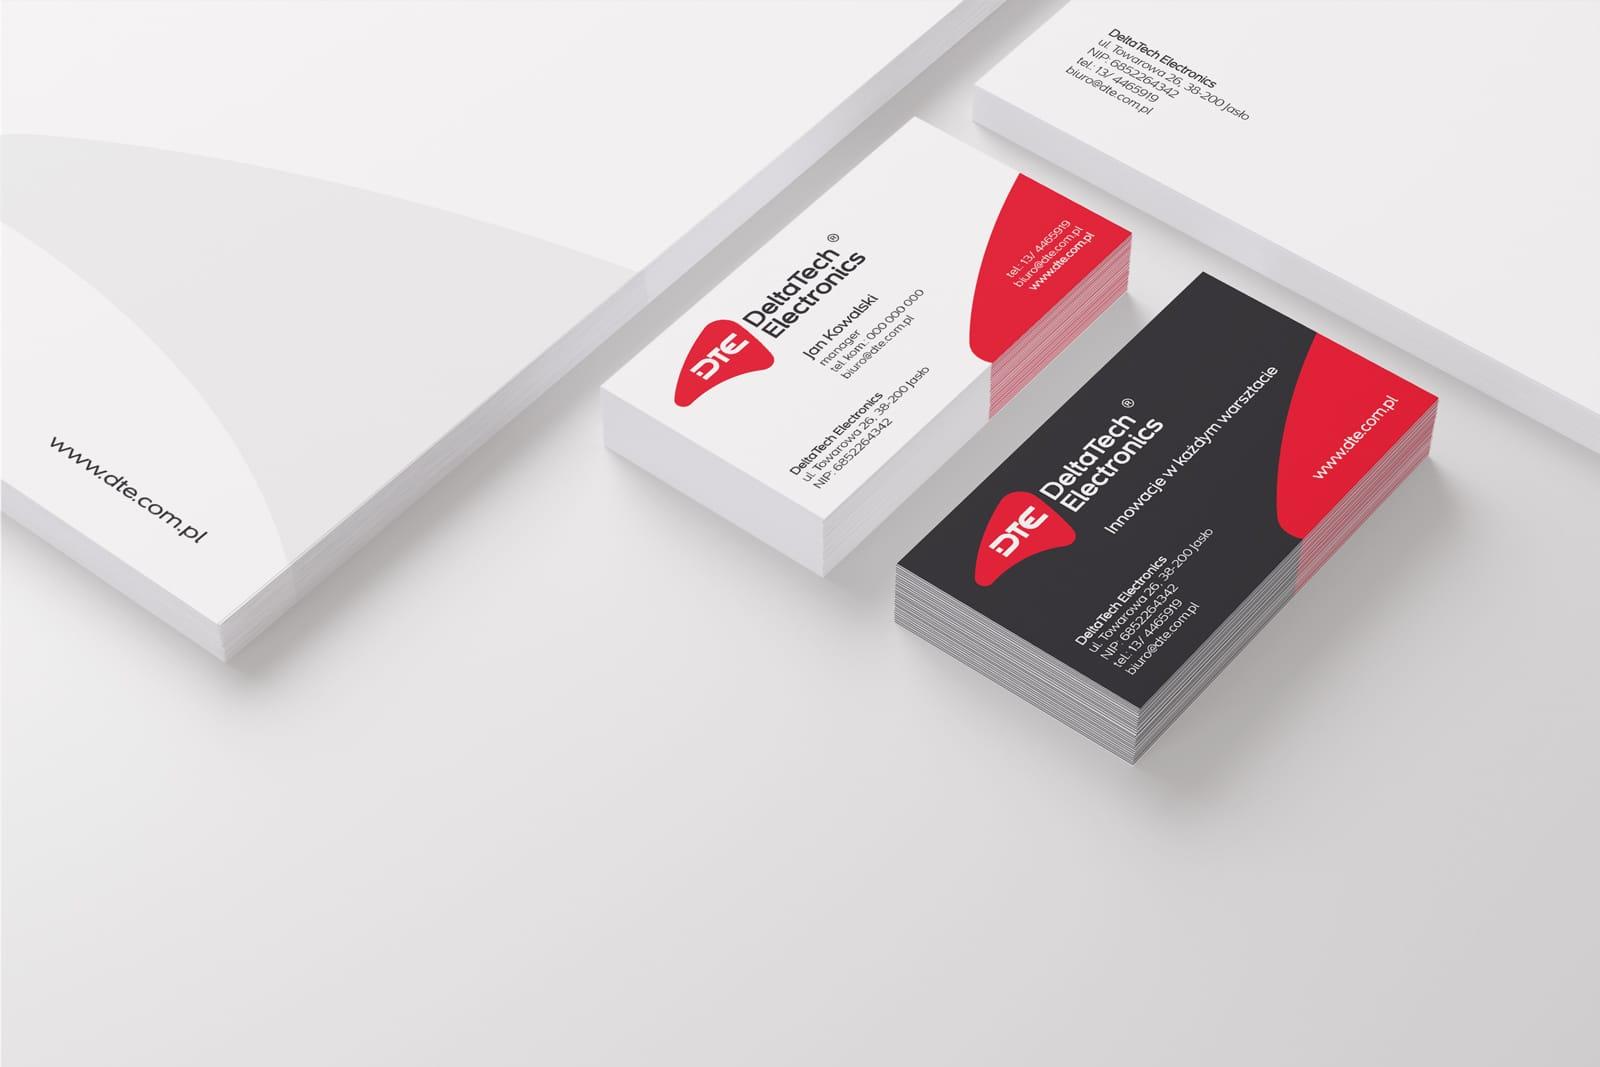 DeltaTech Electronics identyfikacja wizualna projektowanie logo firmy identyfikacji wizualnej akcydensy firmowe wizytowki Agencja brandingowa Moweli Creative